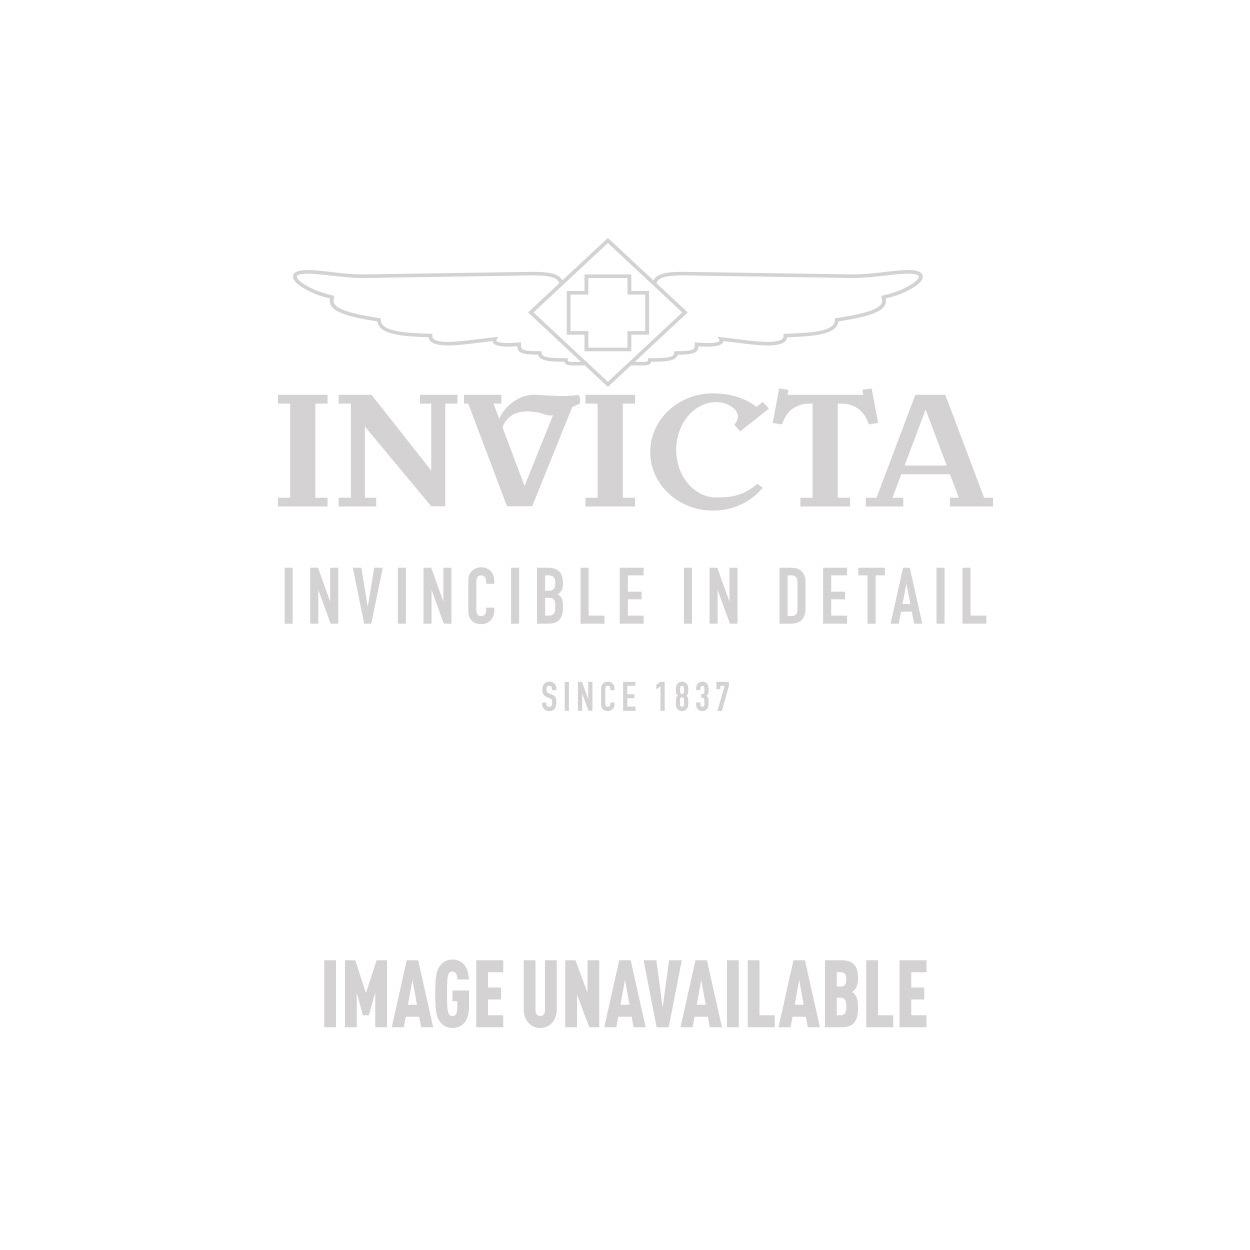 8747e6da4 Invicta Pro Diver SCUBA Mens Quartz 50mm Rose Gold Case Blue Dial - Model  23709 - Official Invicta Store